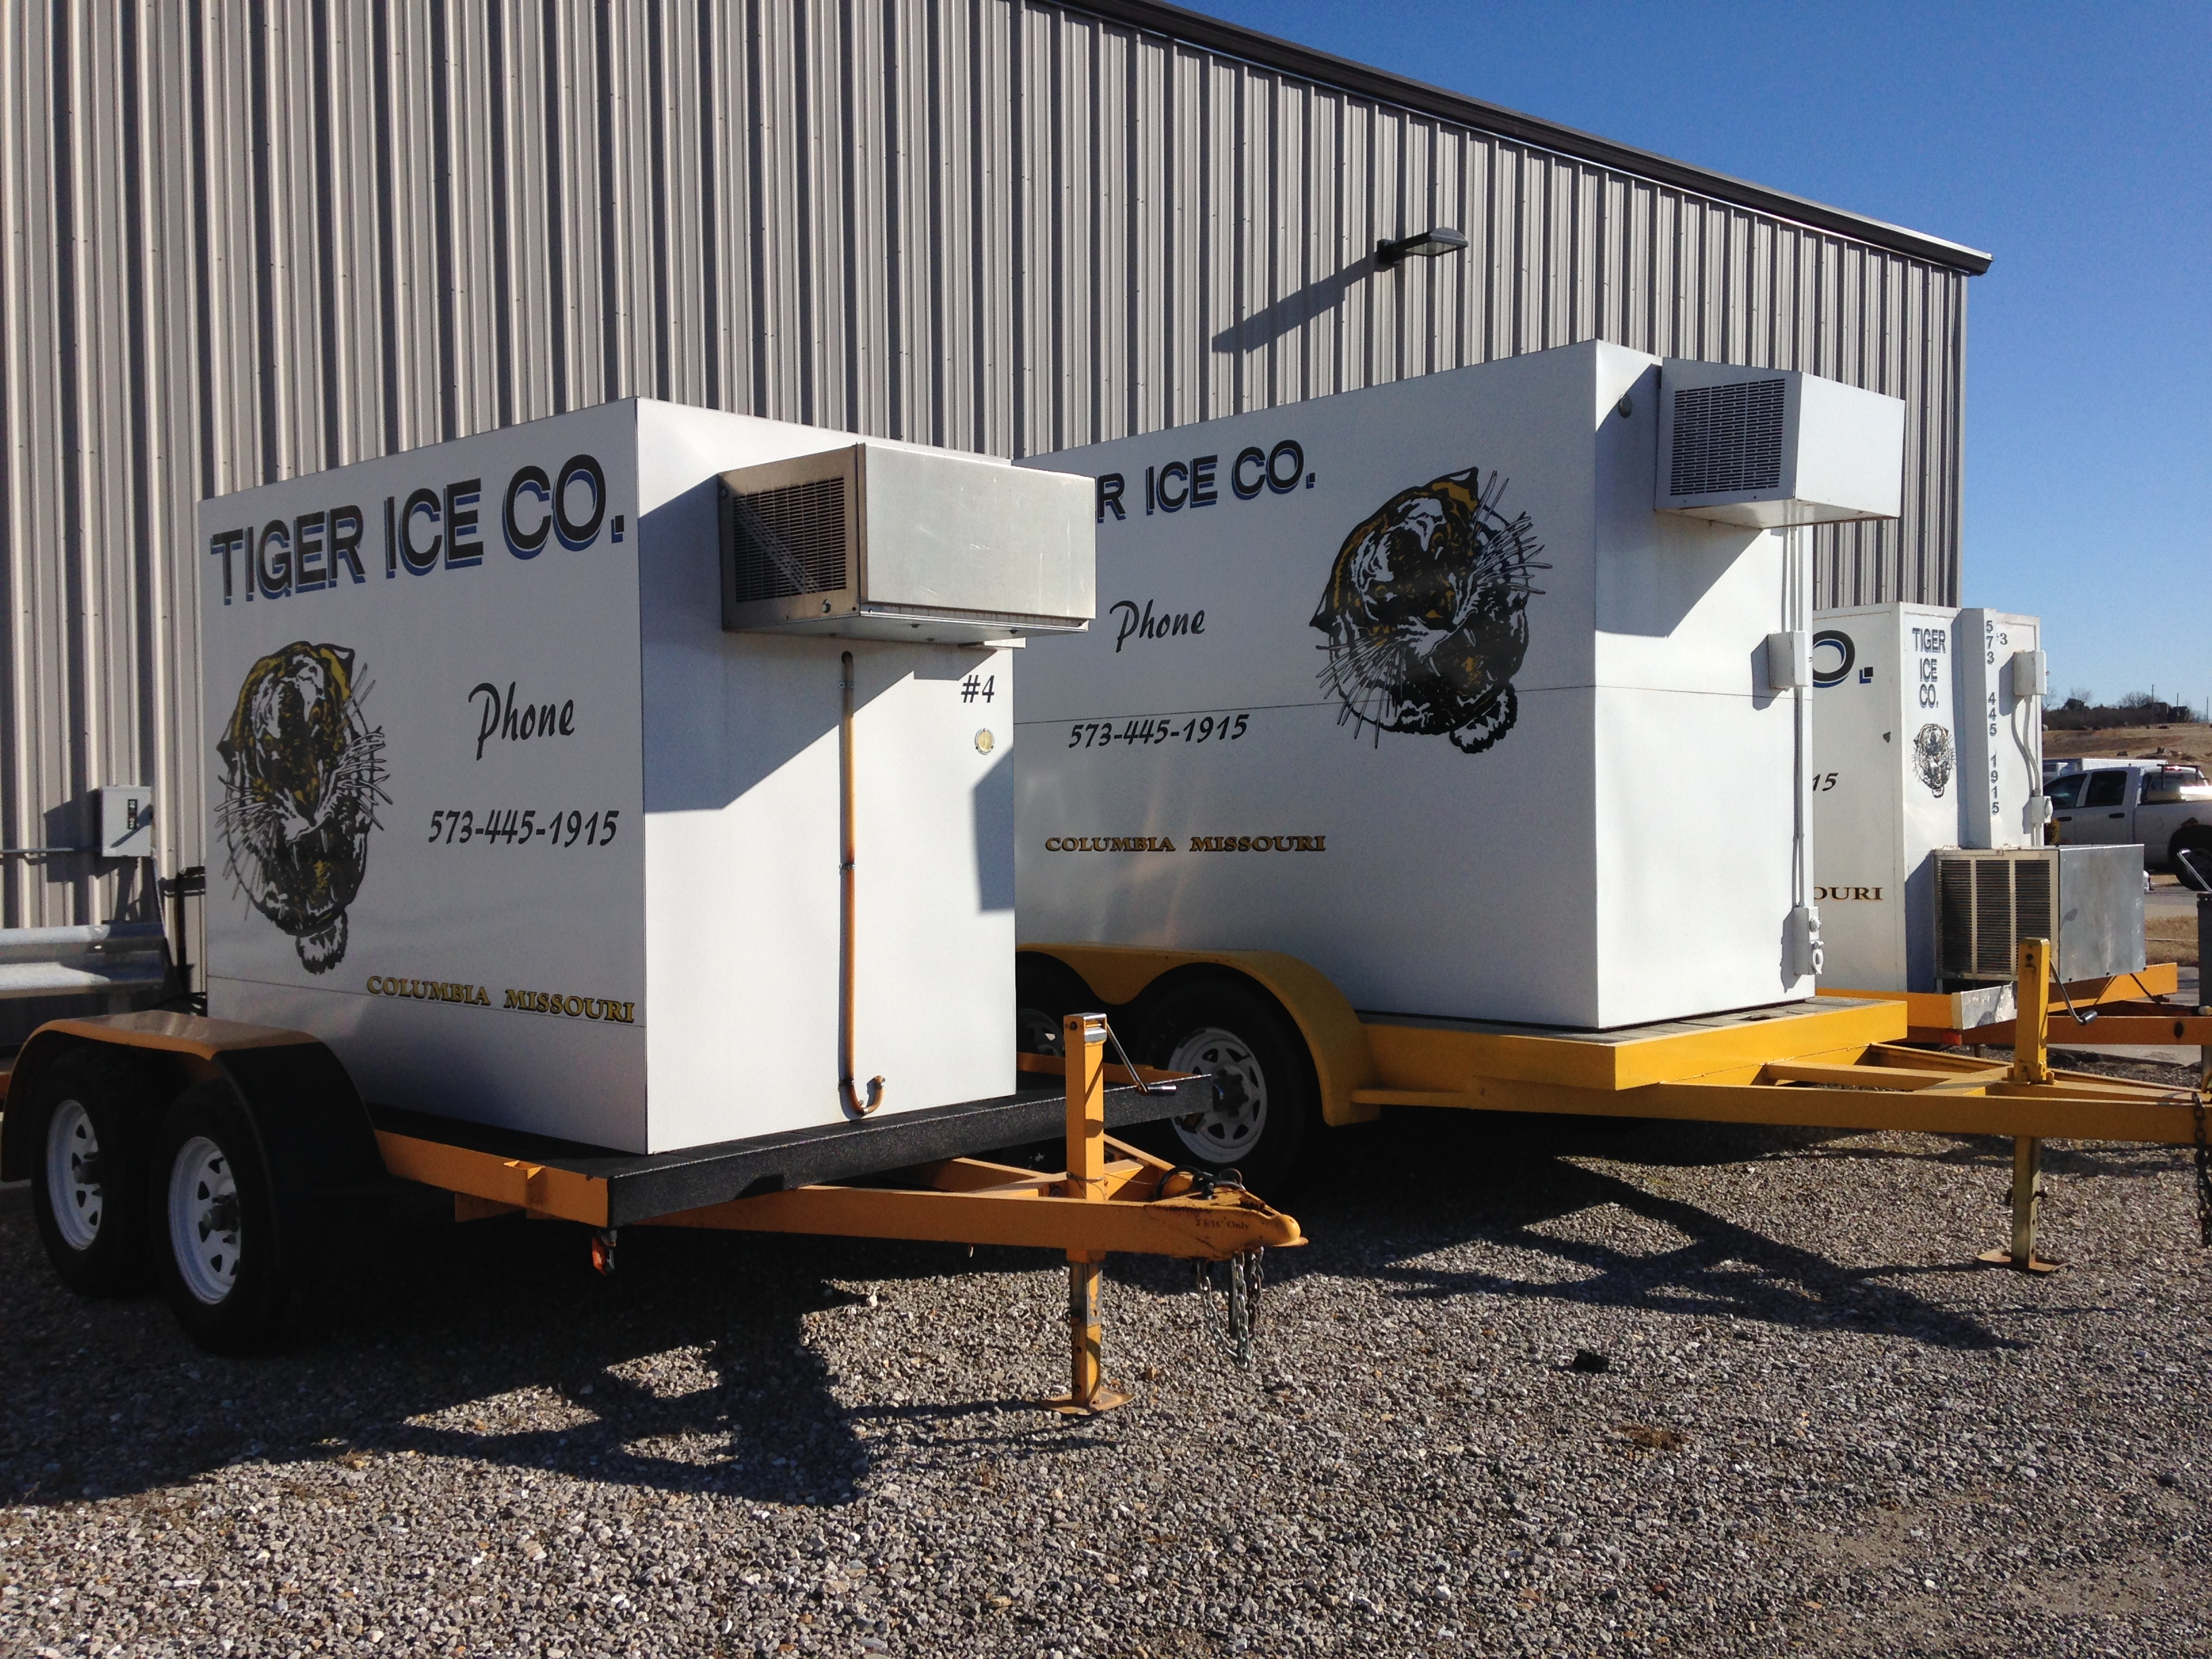 Freezer Storage & Cold Storage Rentals | Tiger Ice